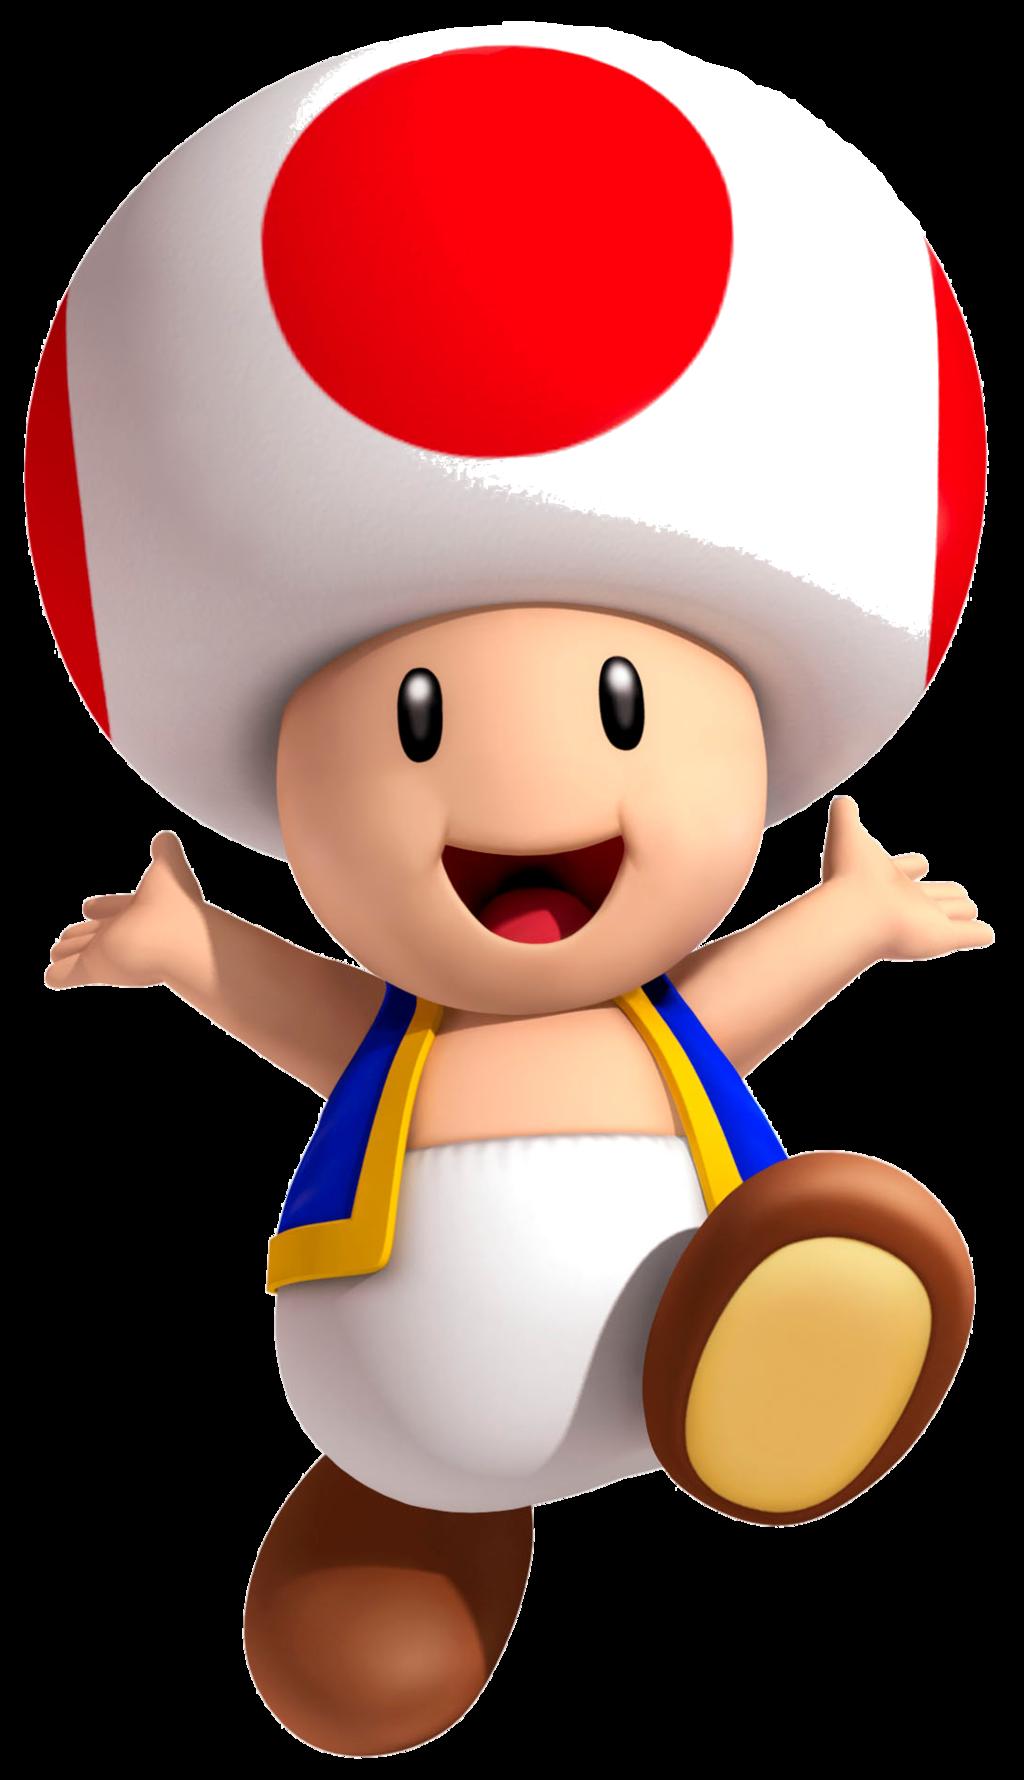 Mario simple clip art.